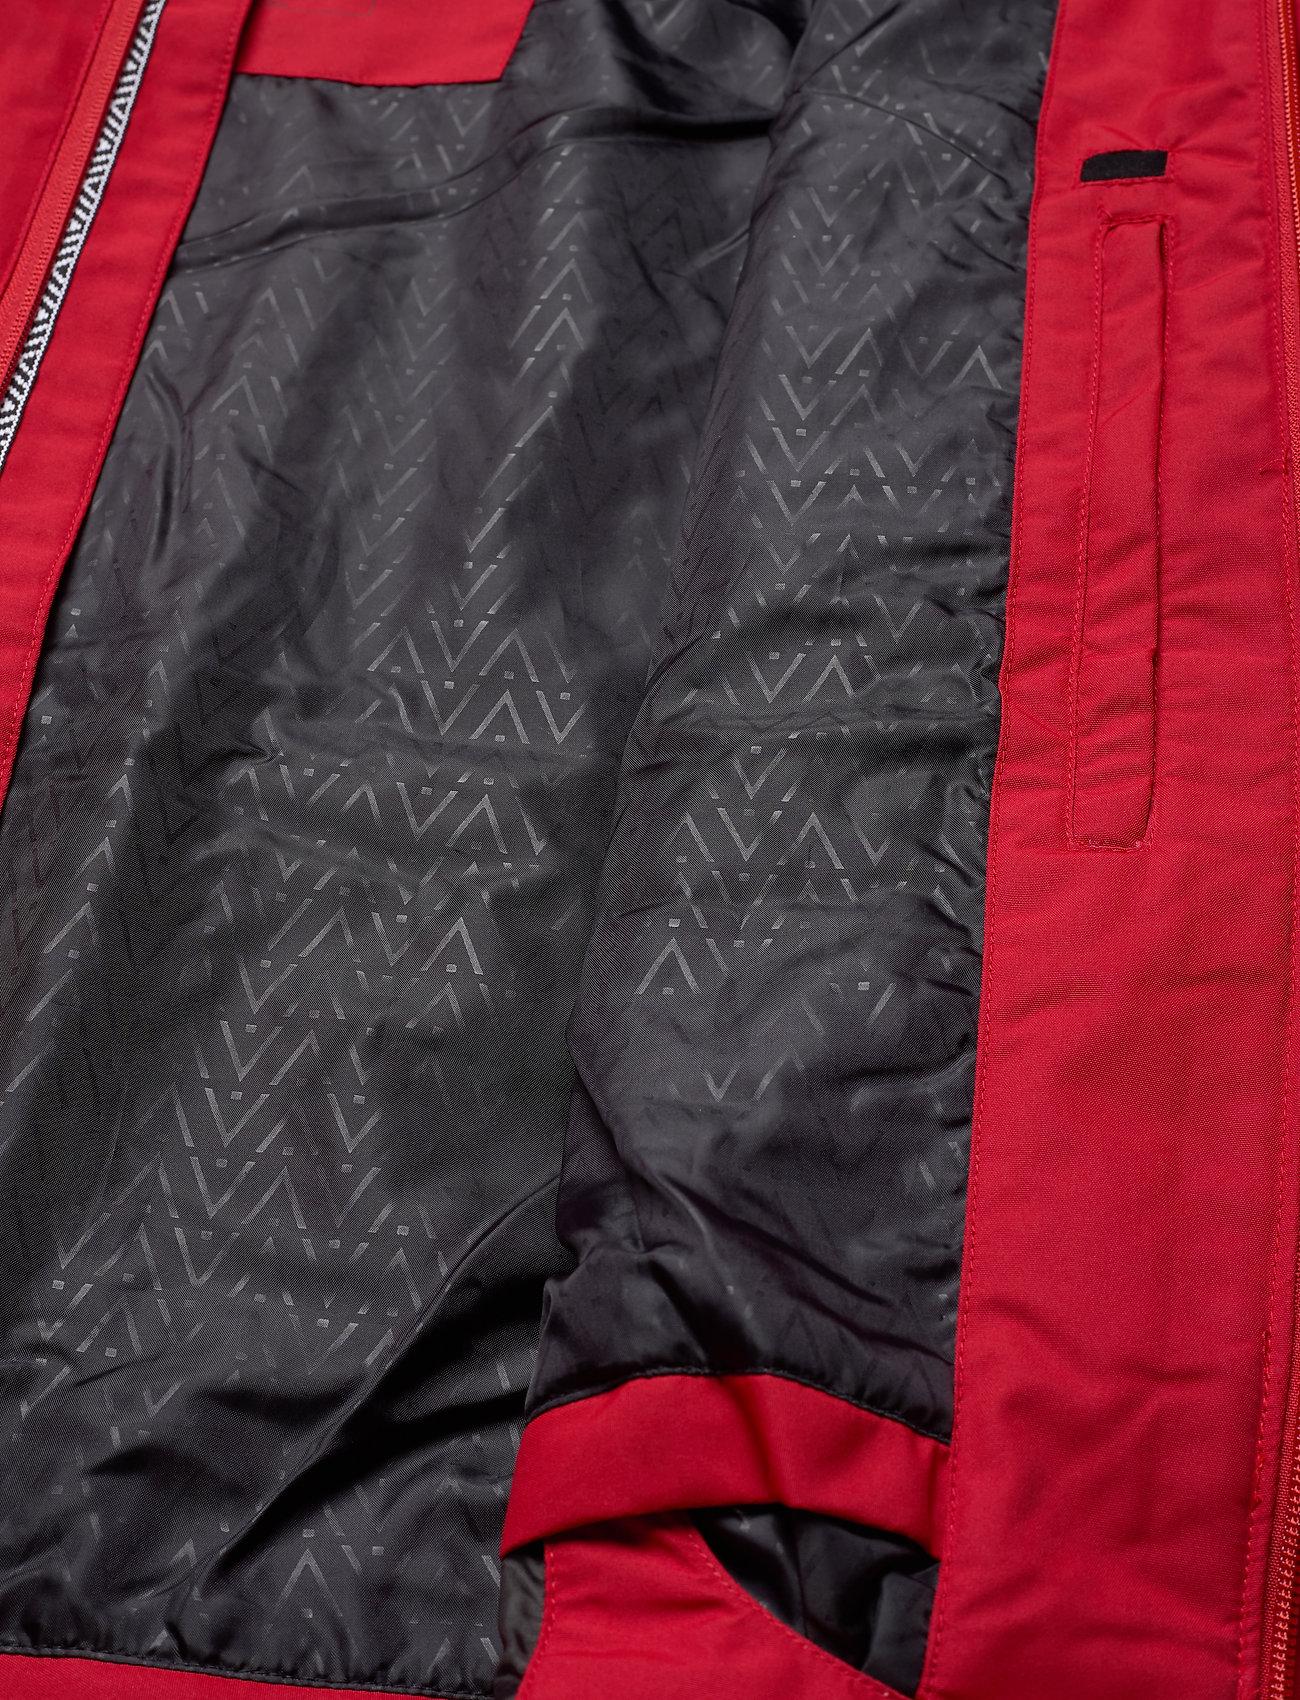 WearColour ACE Jacket - Jakker og frakker FALU RED - Menn Klær